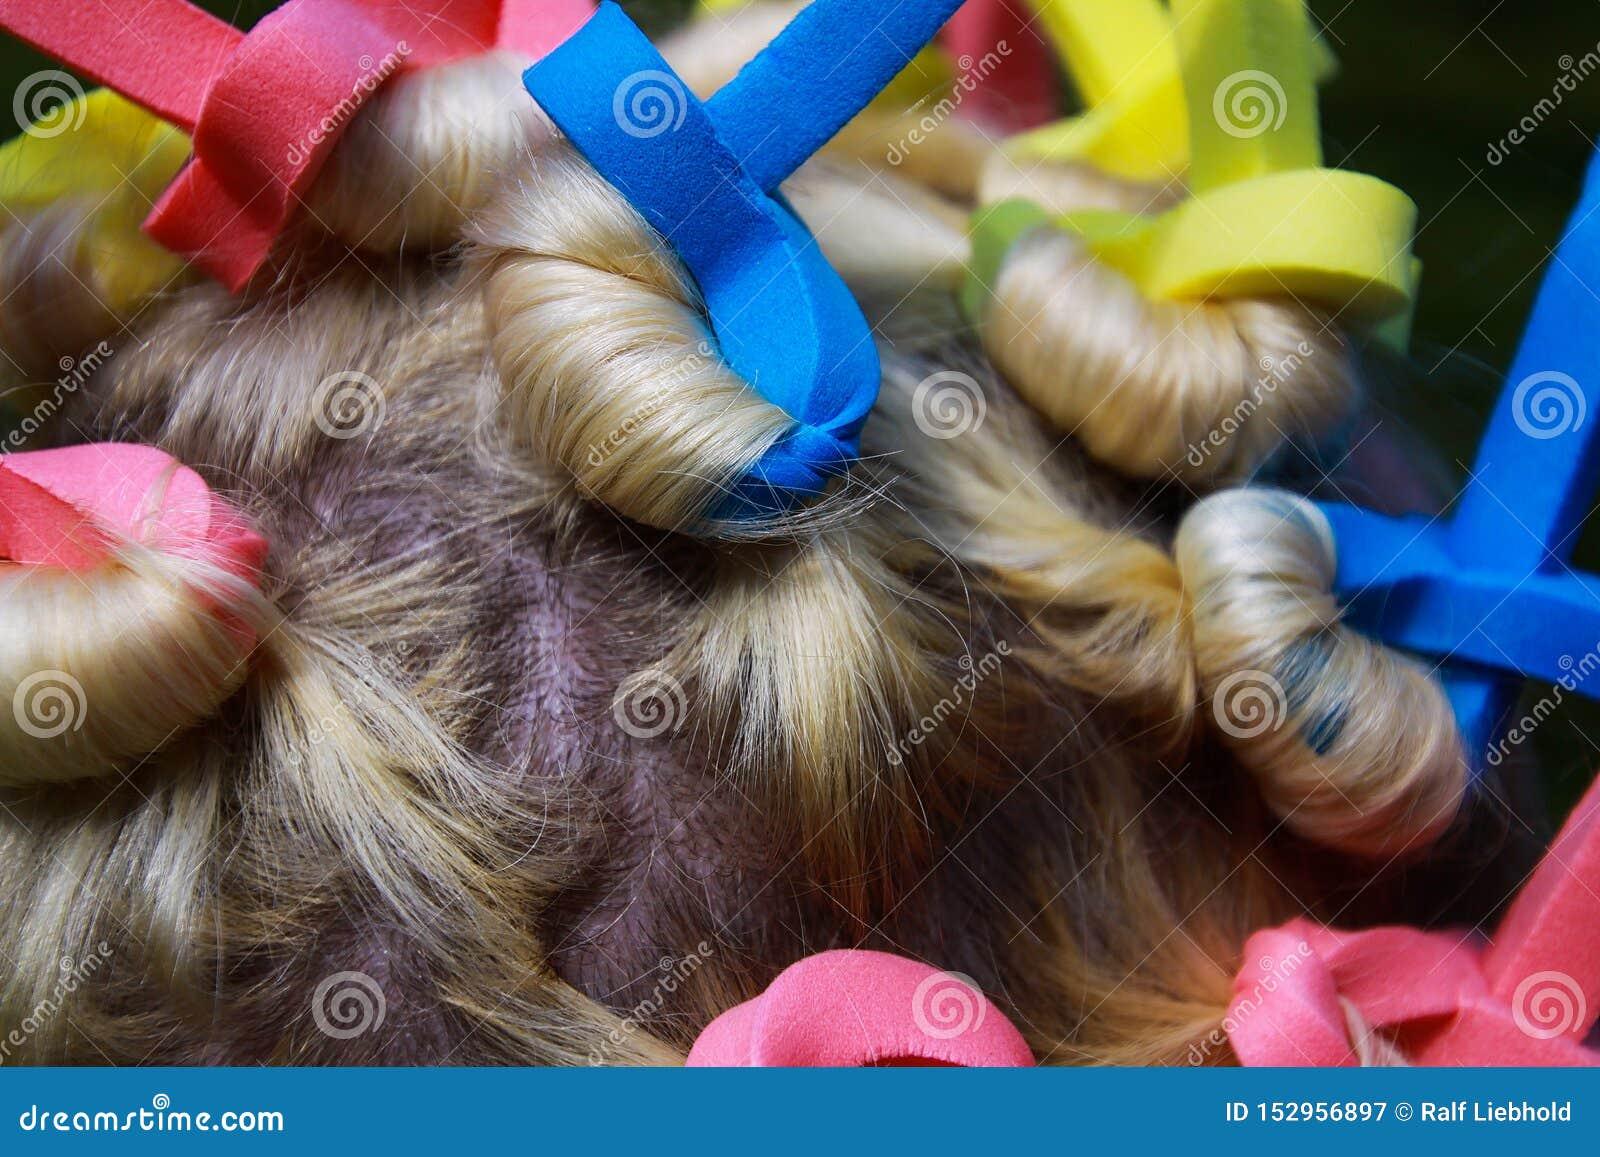 Закройте вверх головы европейской женщины со светлыми волосами и красочными старомодными curlers пены